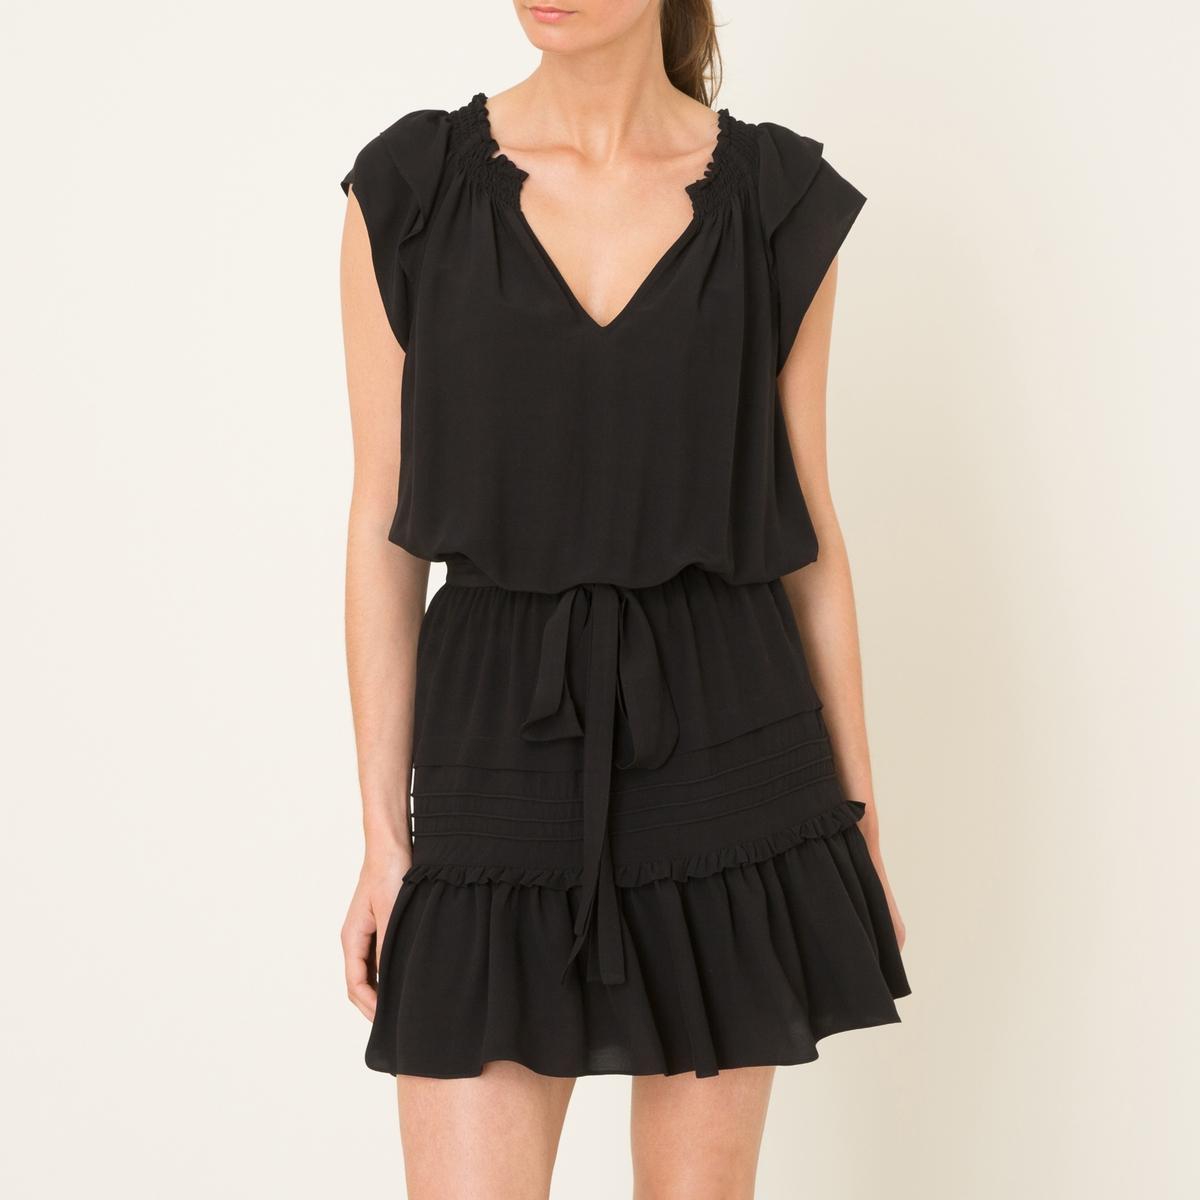 Платье LINIПлатье объемное BA&amp;SH - модель LINI из смесового шелка. V-образный вырез. Короткие рукава с воланами. Ремешок  с завязками и эластичный пояс . Сборки и воланы на юбке . Состав и описание    Материал : 60% вискозы, 40% шелка   Марка : BA&amp;SH<br><br>Цвет: черный